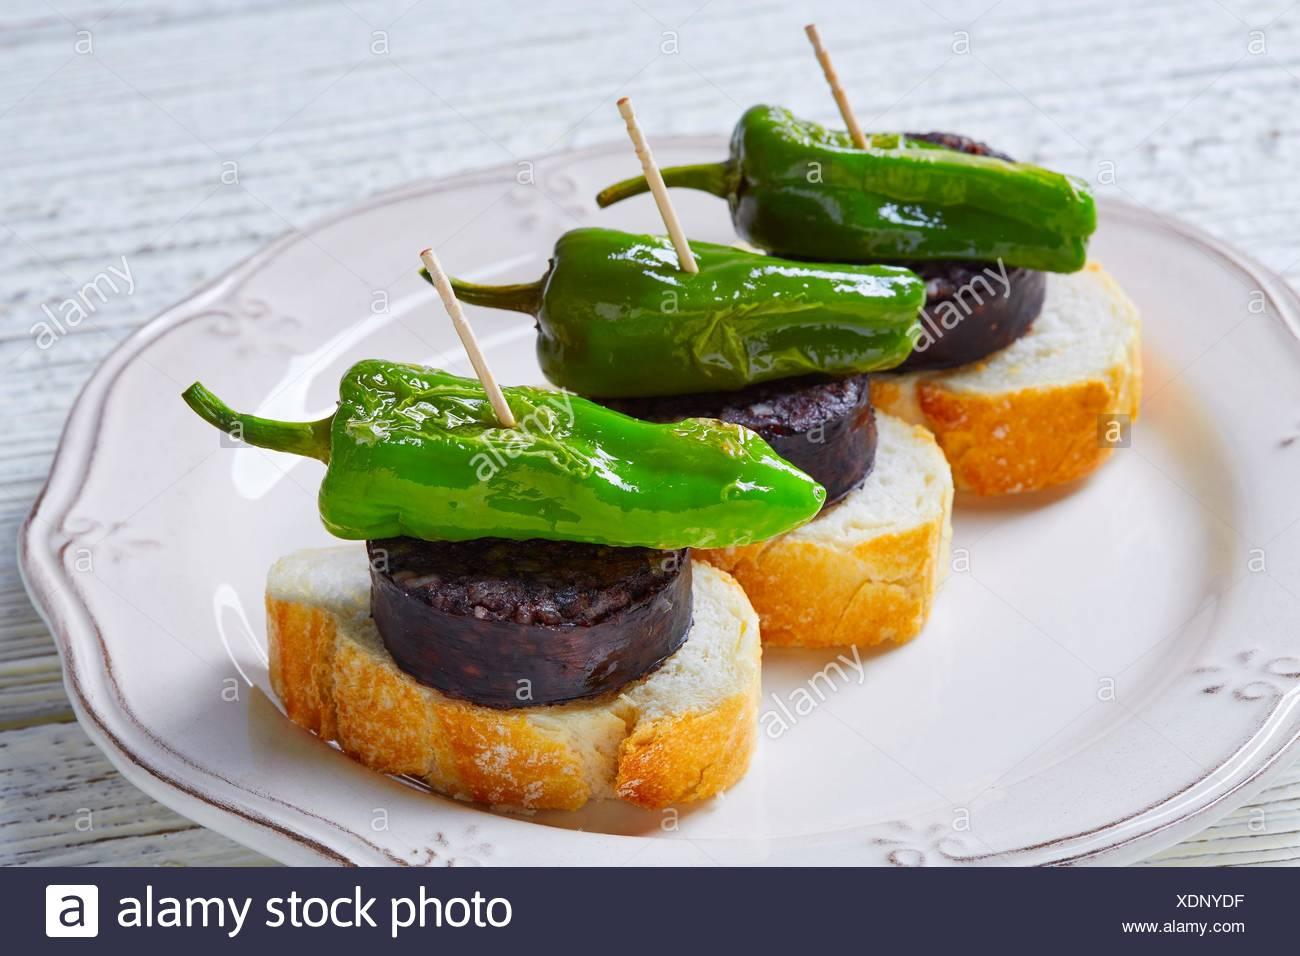 Pinchos morcilla de burgos avec padron le poivre d'Espagne tapas pintxos de la nourriture. Photo Stock